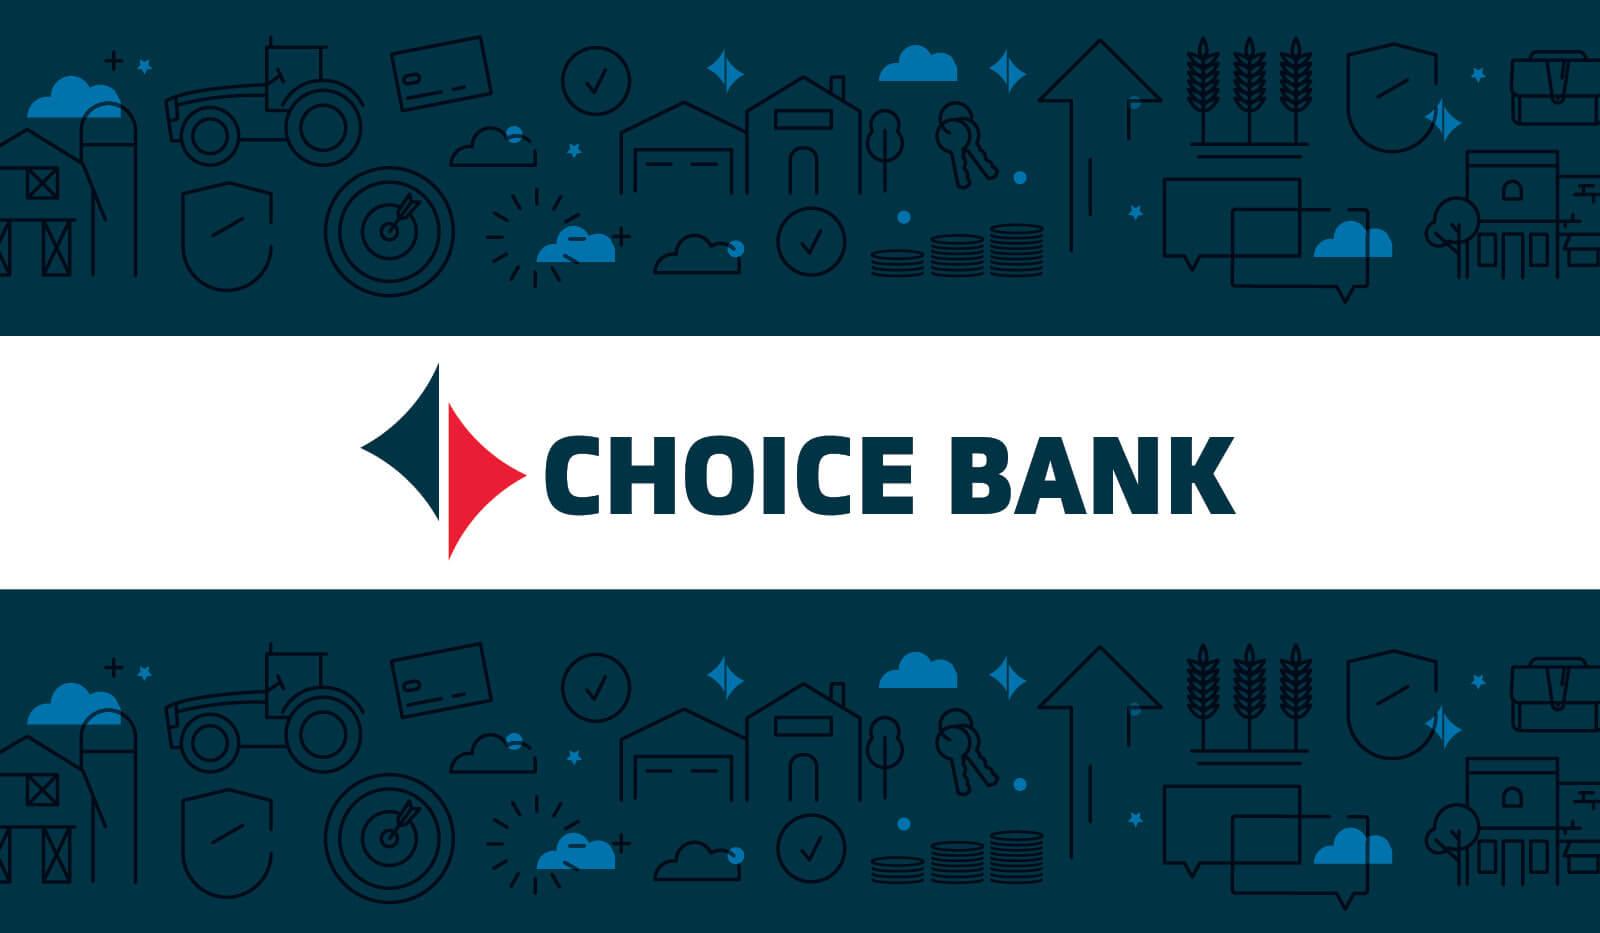 Spark27-CaseStudyGraphics-ChoiceBank-Blue